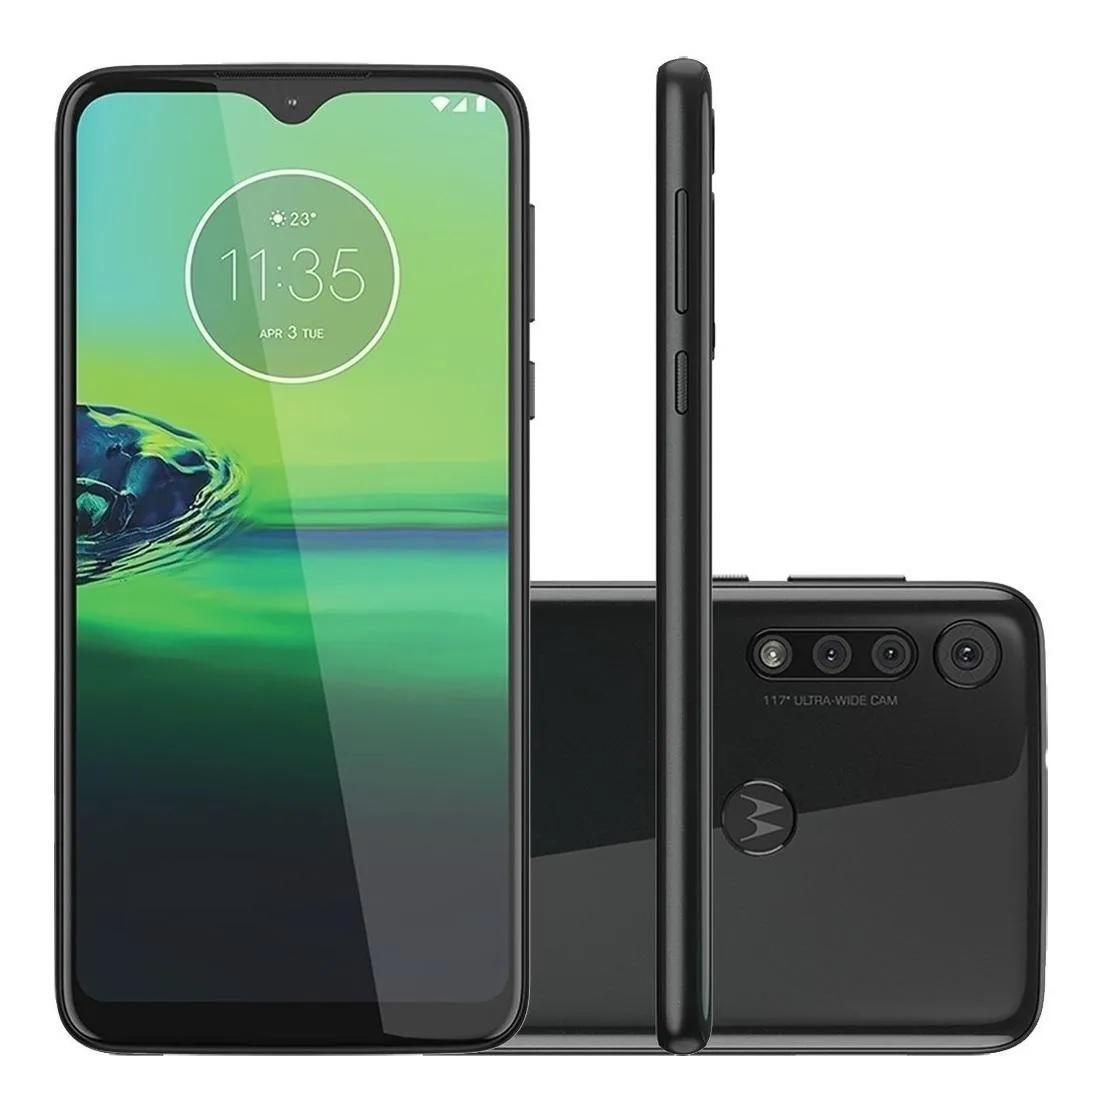 Smartphone Moto G8 Play Preto 64GB Tela 6.1